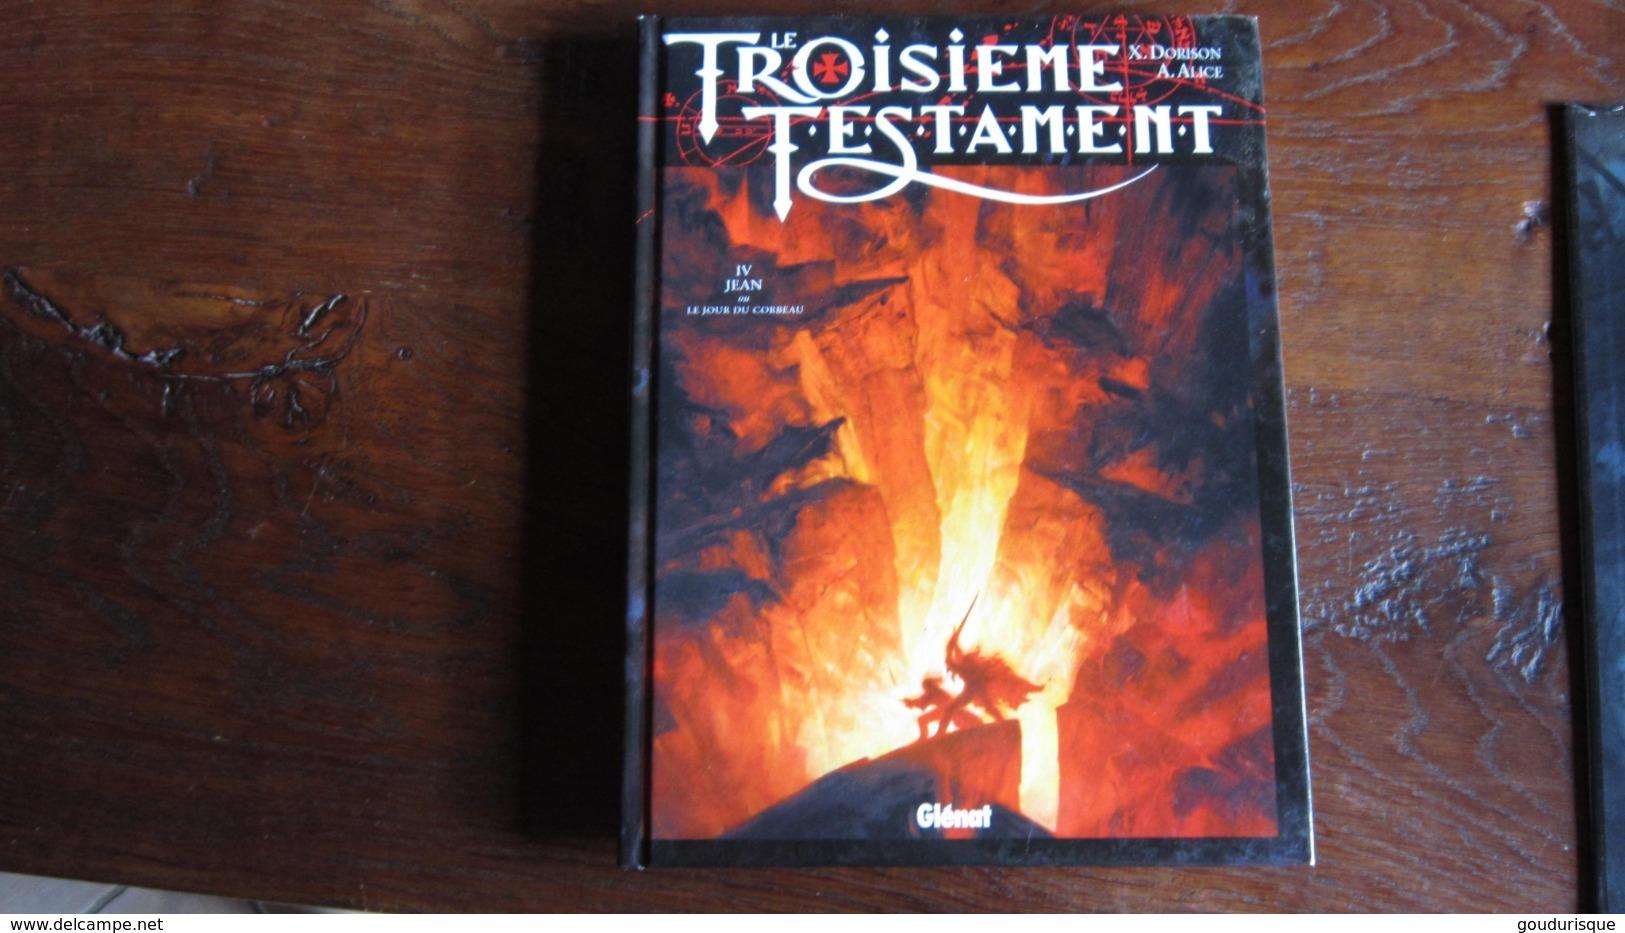 LE TROISIEME TESTAMENT T4 JEAN OU LE JOUR DU CORBEAU   DORISON ALICE - Troisième Testament, Le